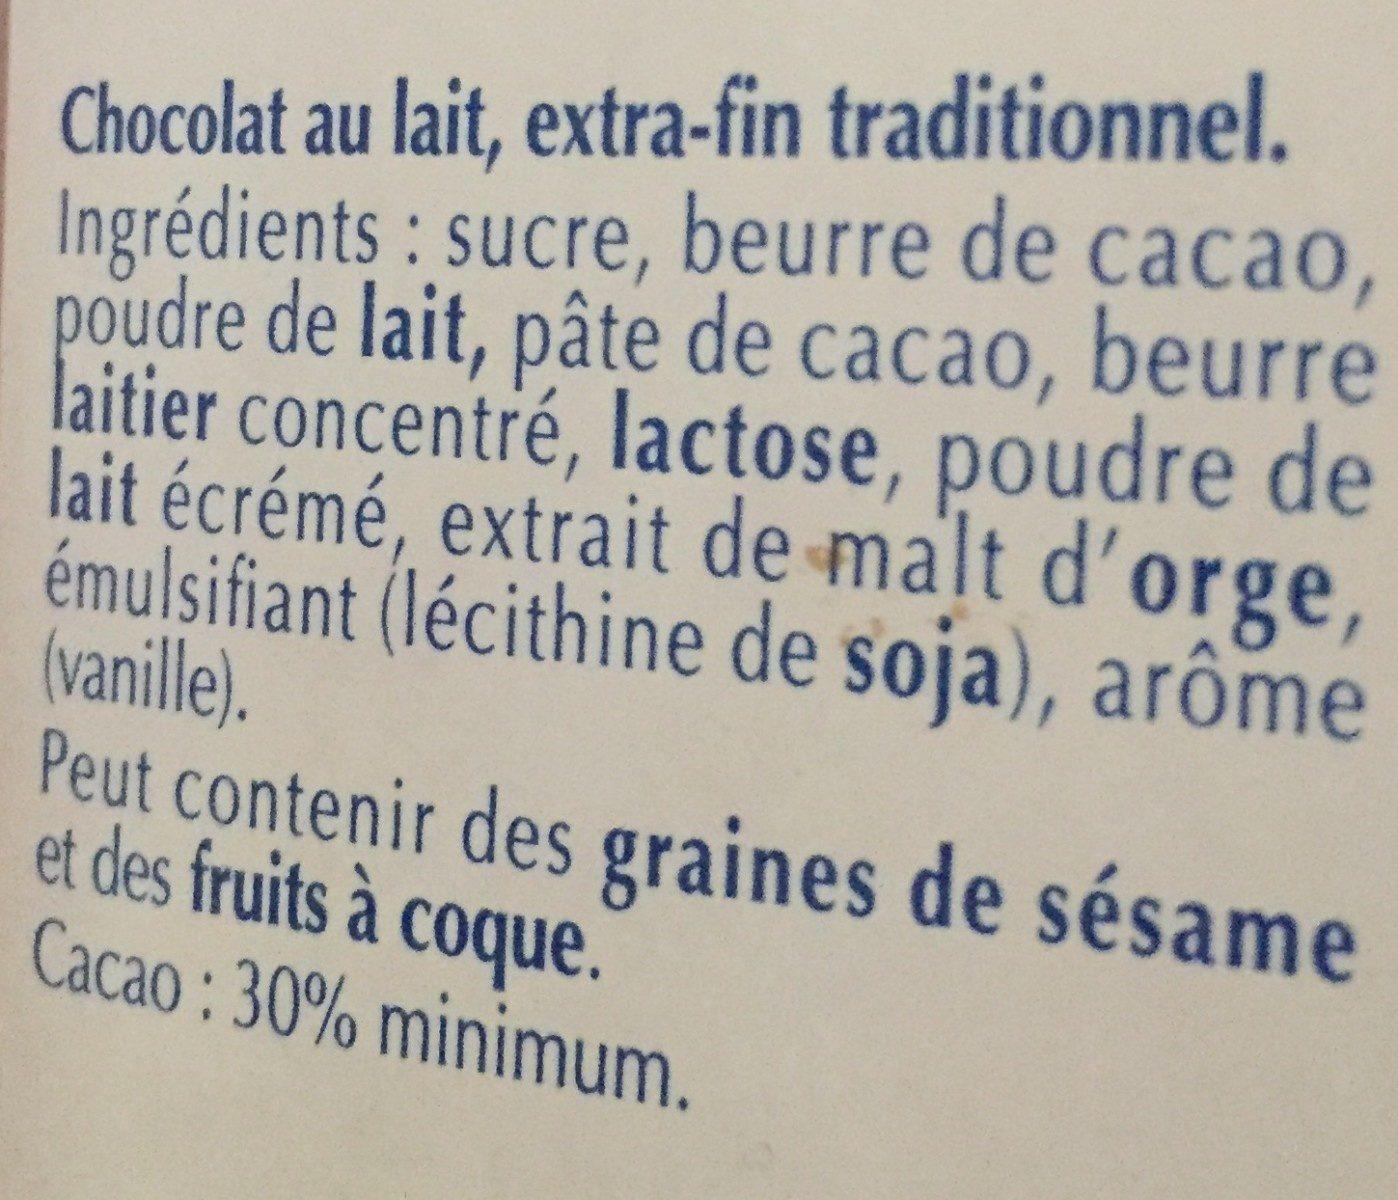 Excellence Extra Fondant Lait - Ingrédients - fr